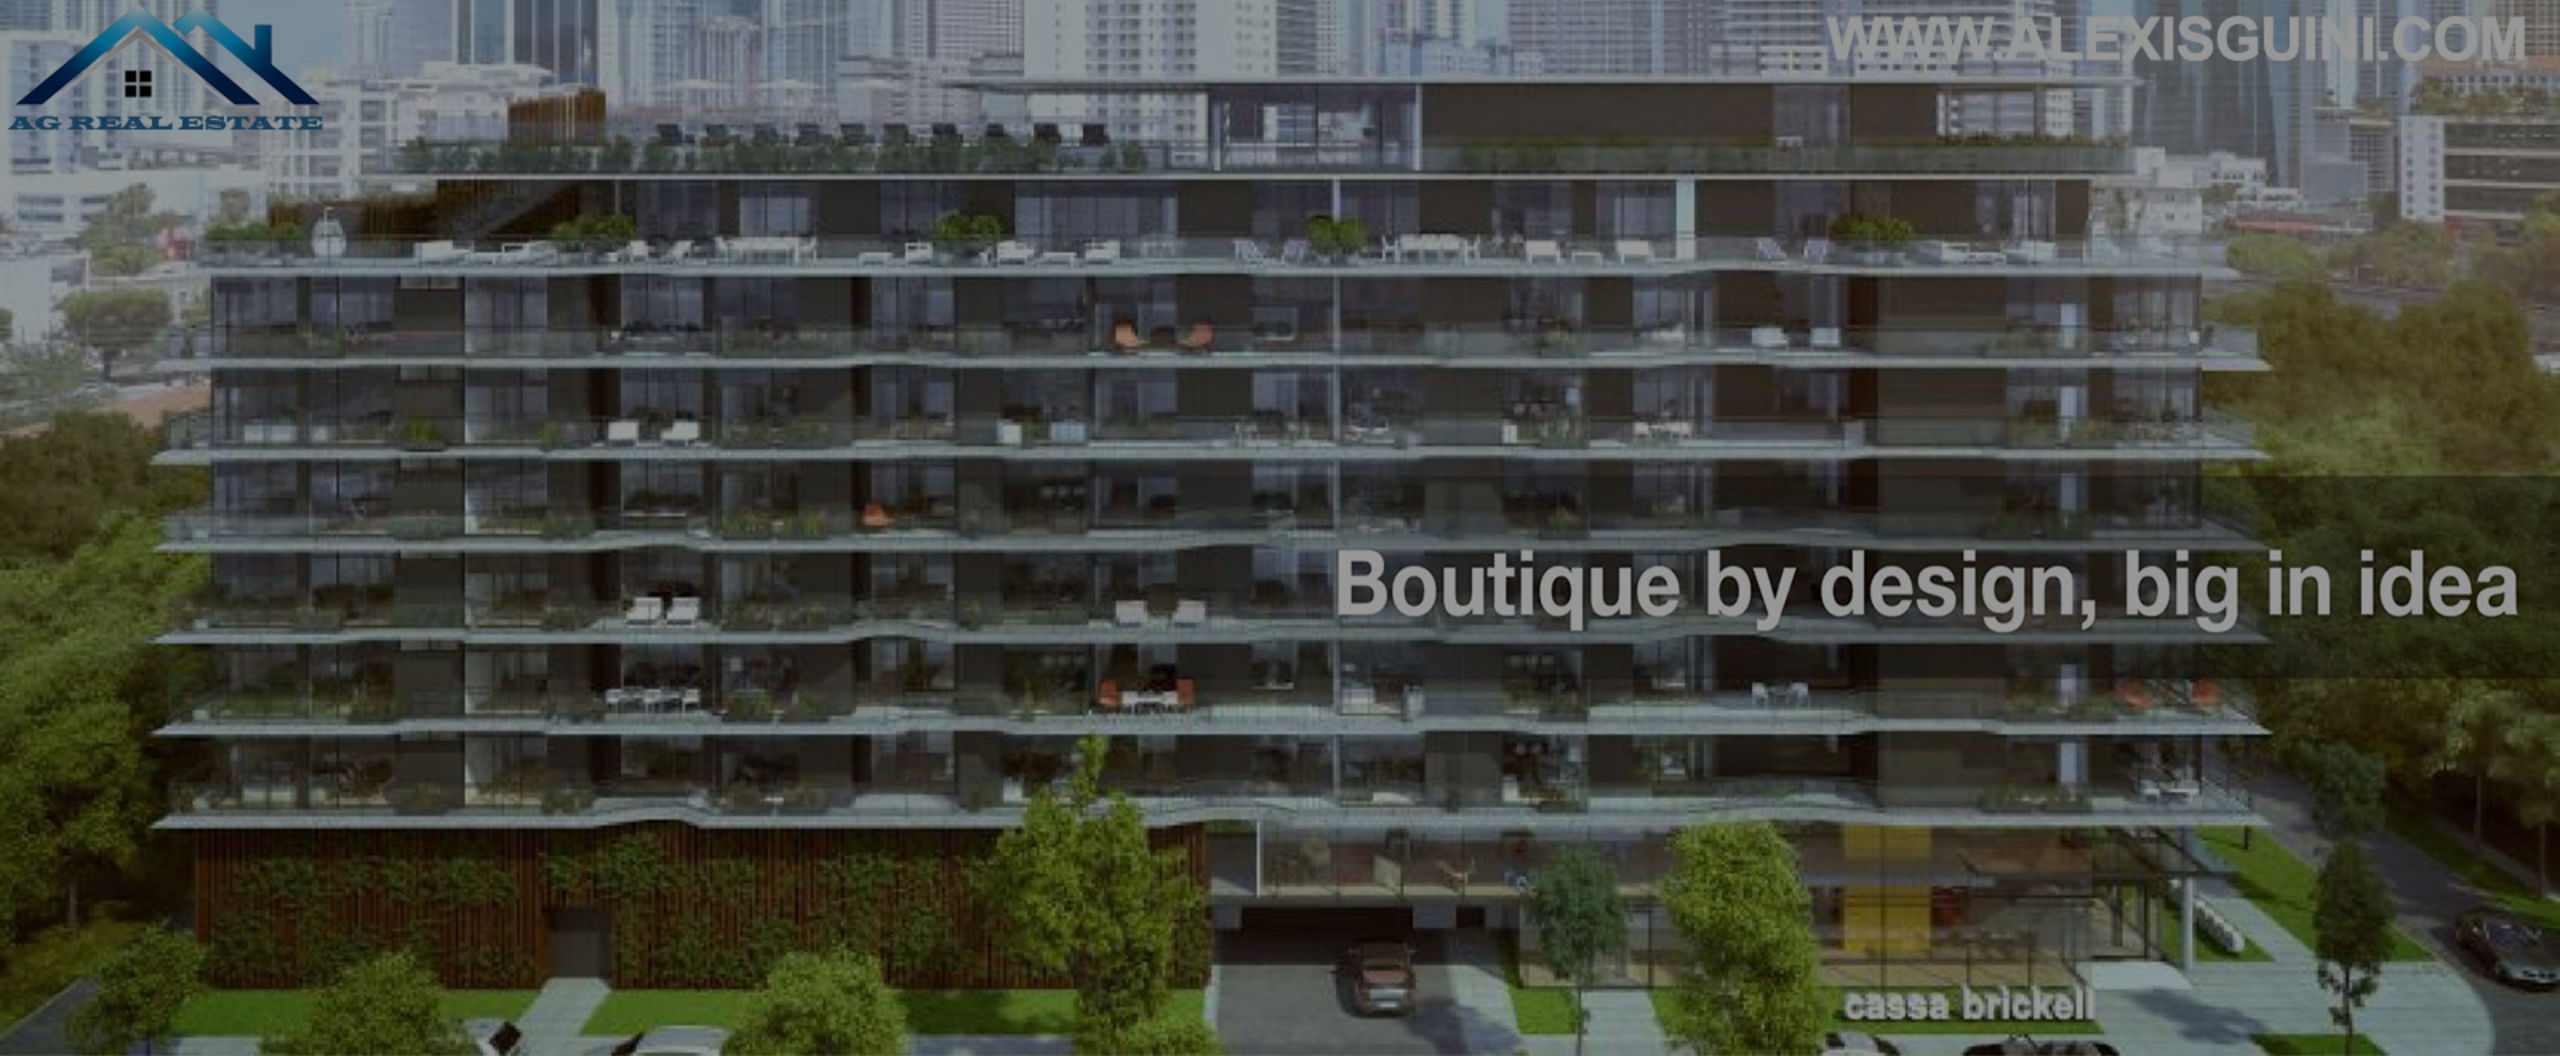 cassa Brickell boutique concept in the city